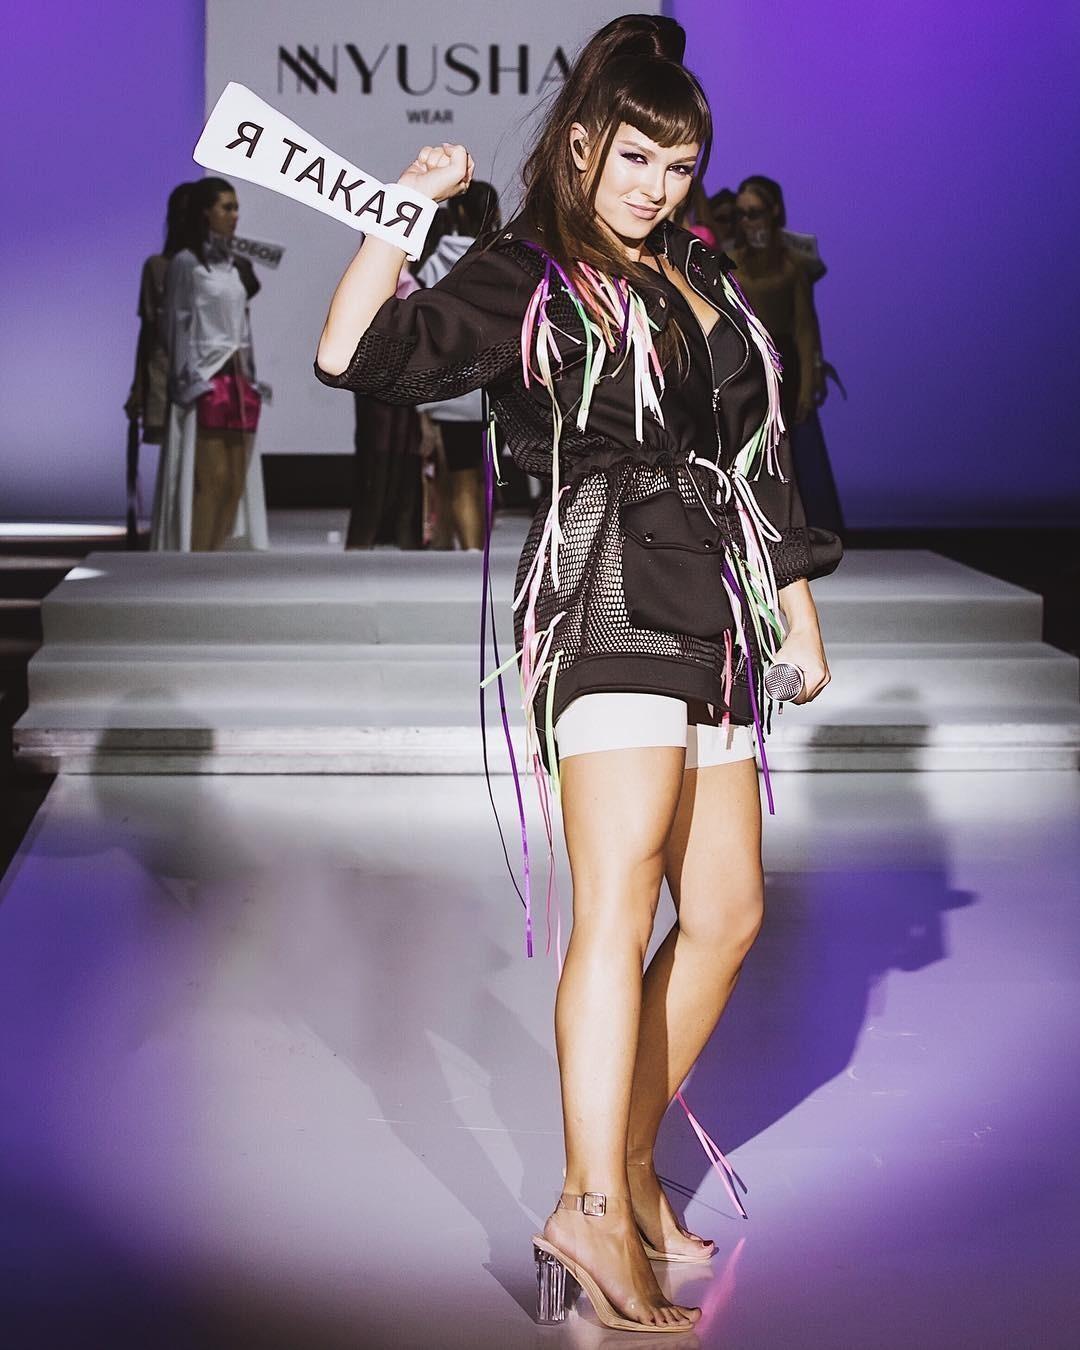 Недавно артистка нашла себе еще одной увлечение— устроила первый большой показ мод, гдевыступила в качествеодной из моделей.